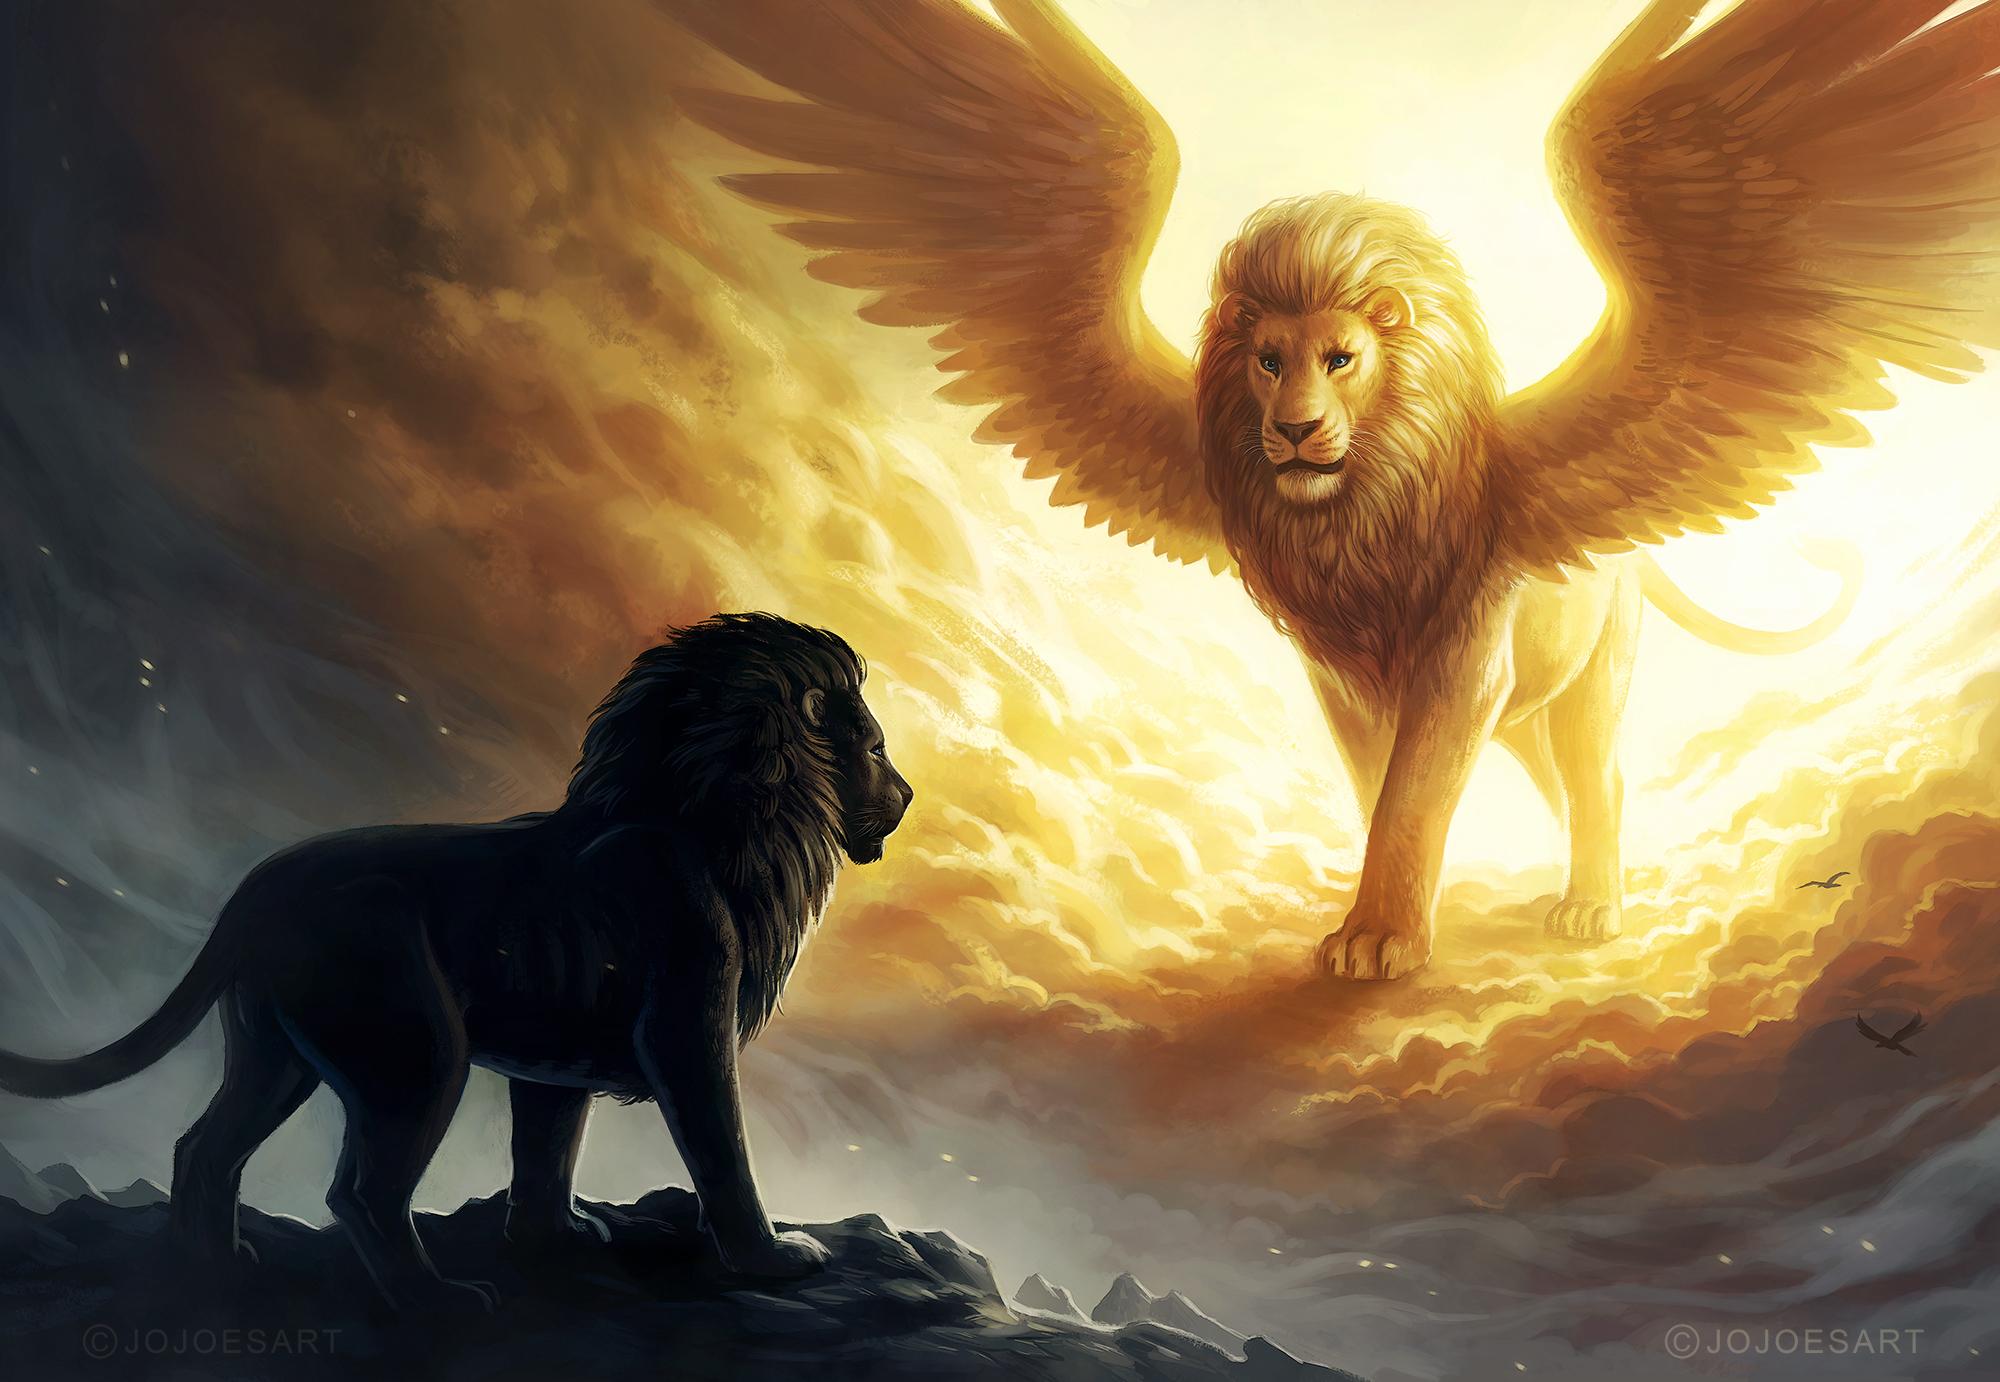 Lion King Spiritual Dark Fantasy, HD Animals, 4k